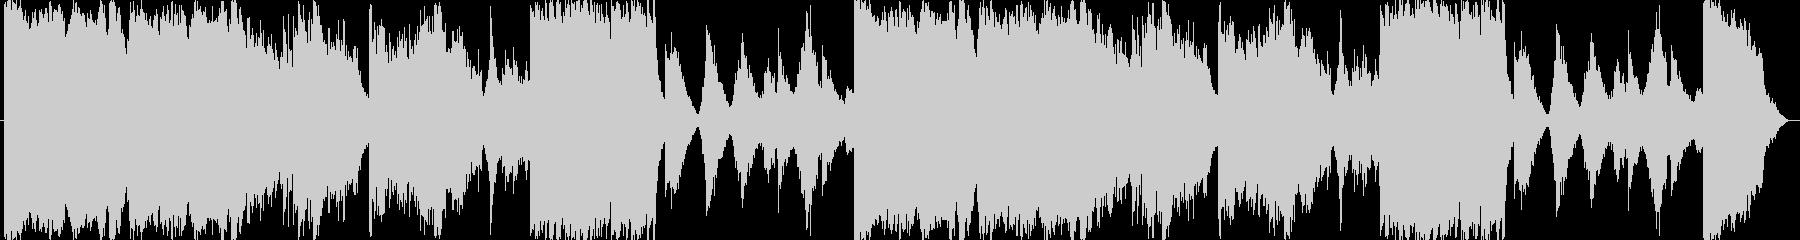 荒廃的な雰囲気のBGMの未再生の波形